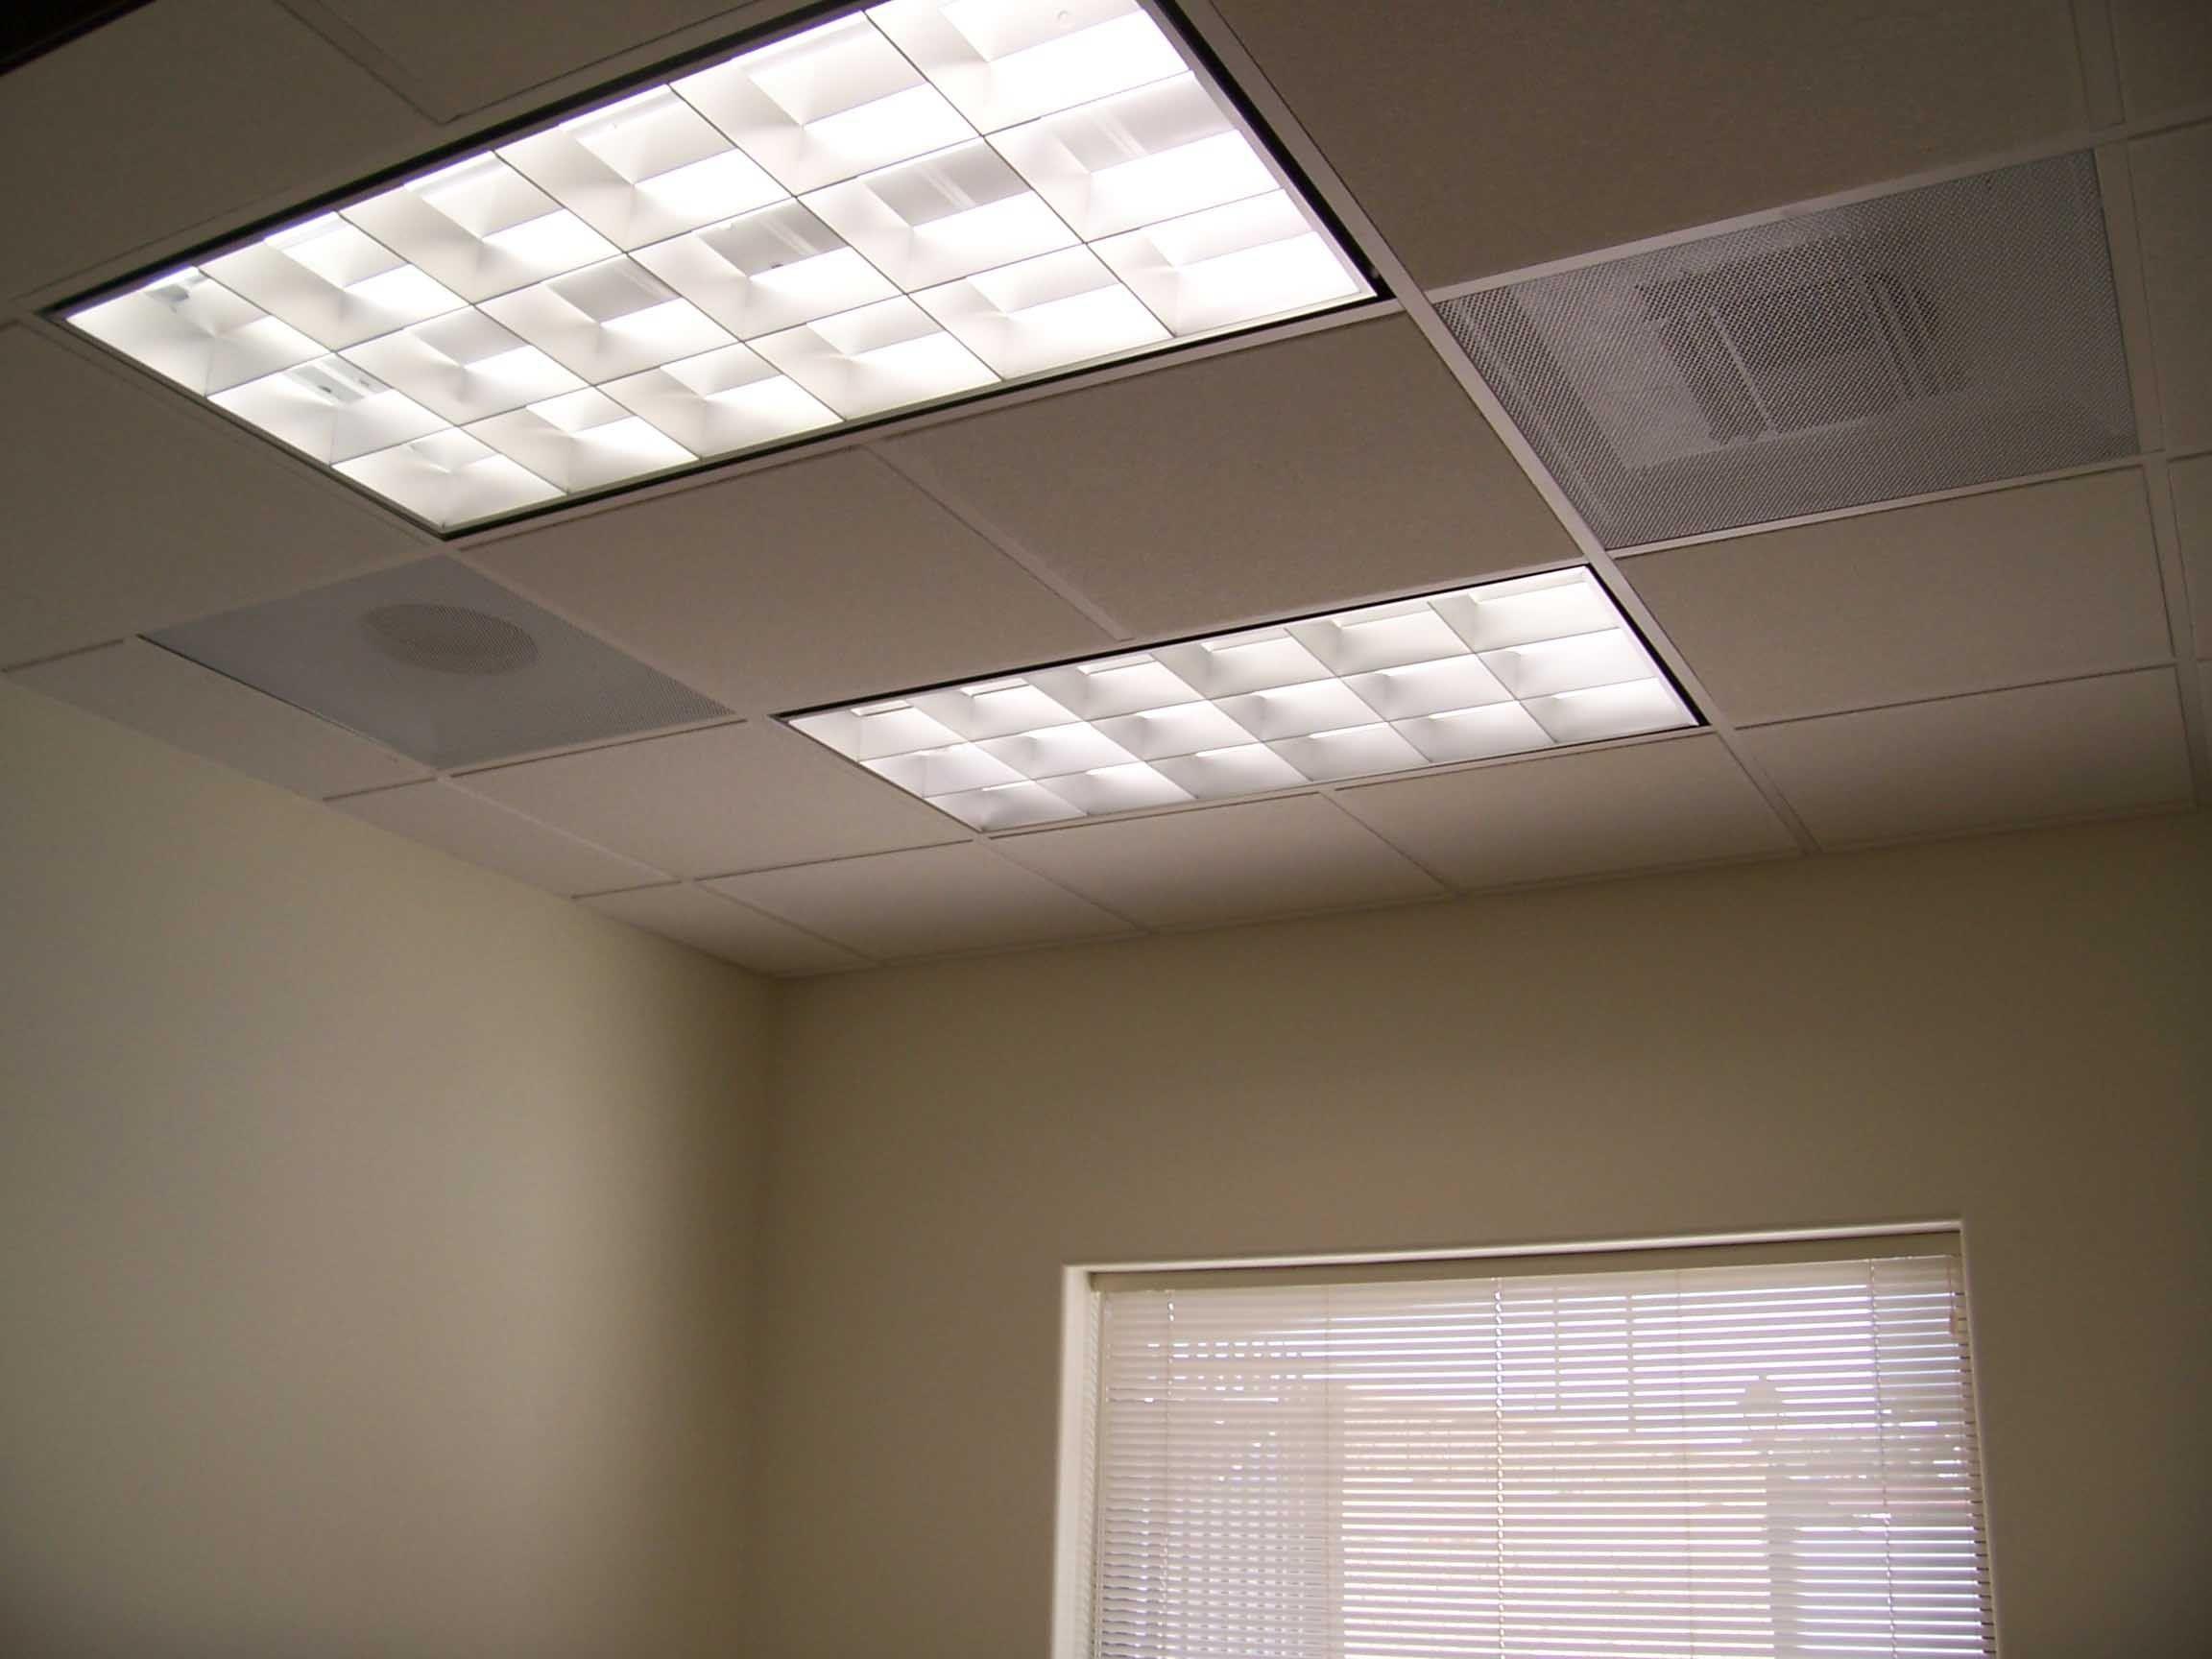 Fluorescent Ceiling Tile Lights Led Lighting Fixutre Pinterest Trailer Light Wiring Harness 4 Flat 35ft To Redo